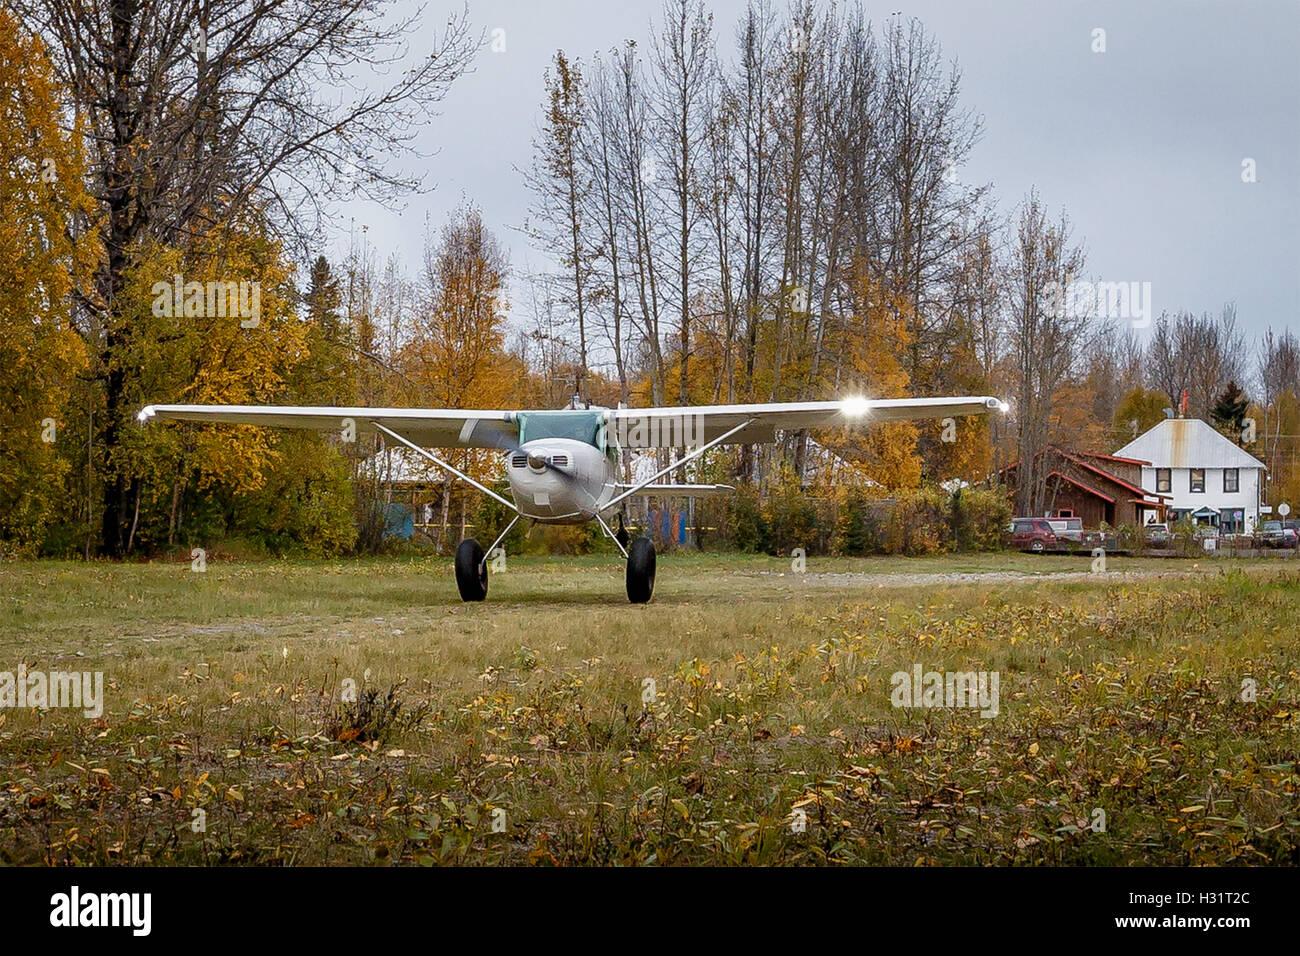 Cessna 170 Stock Photos & Cessna 170 Stock Images - Alamy